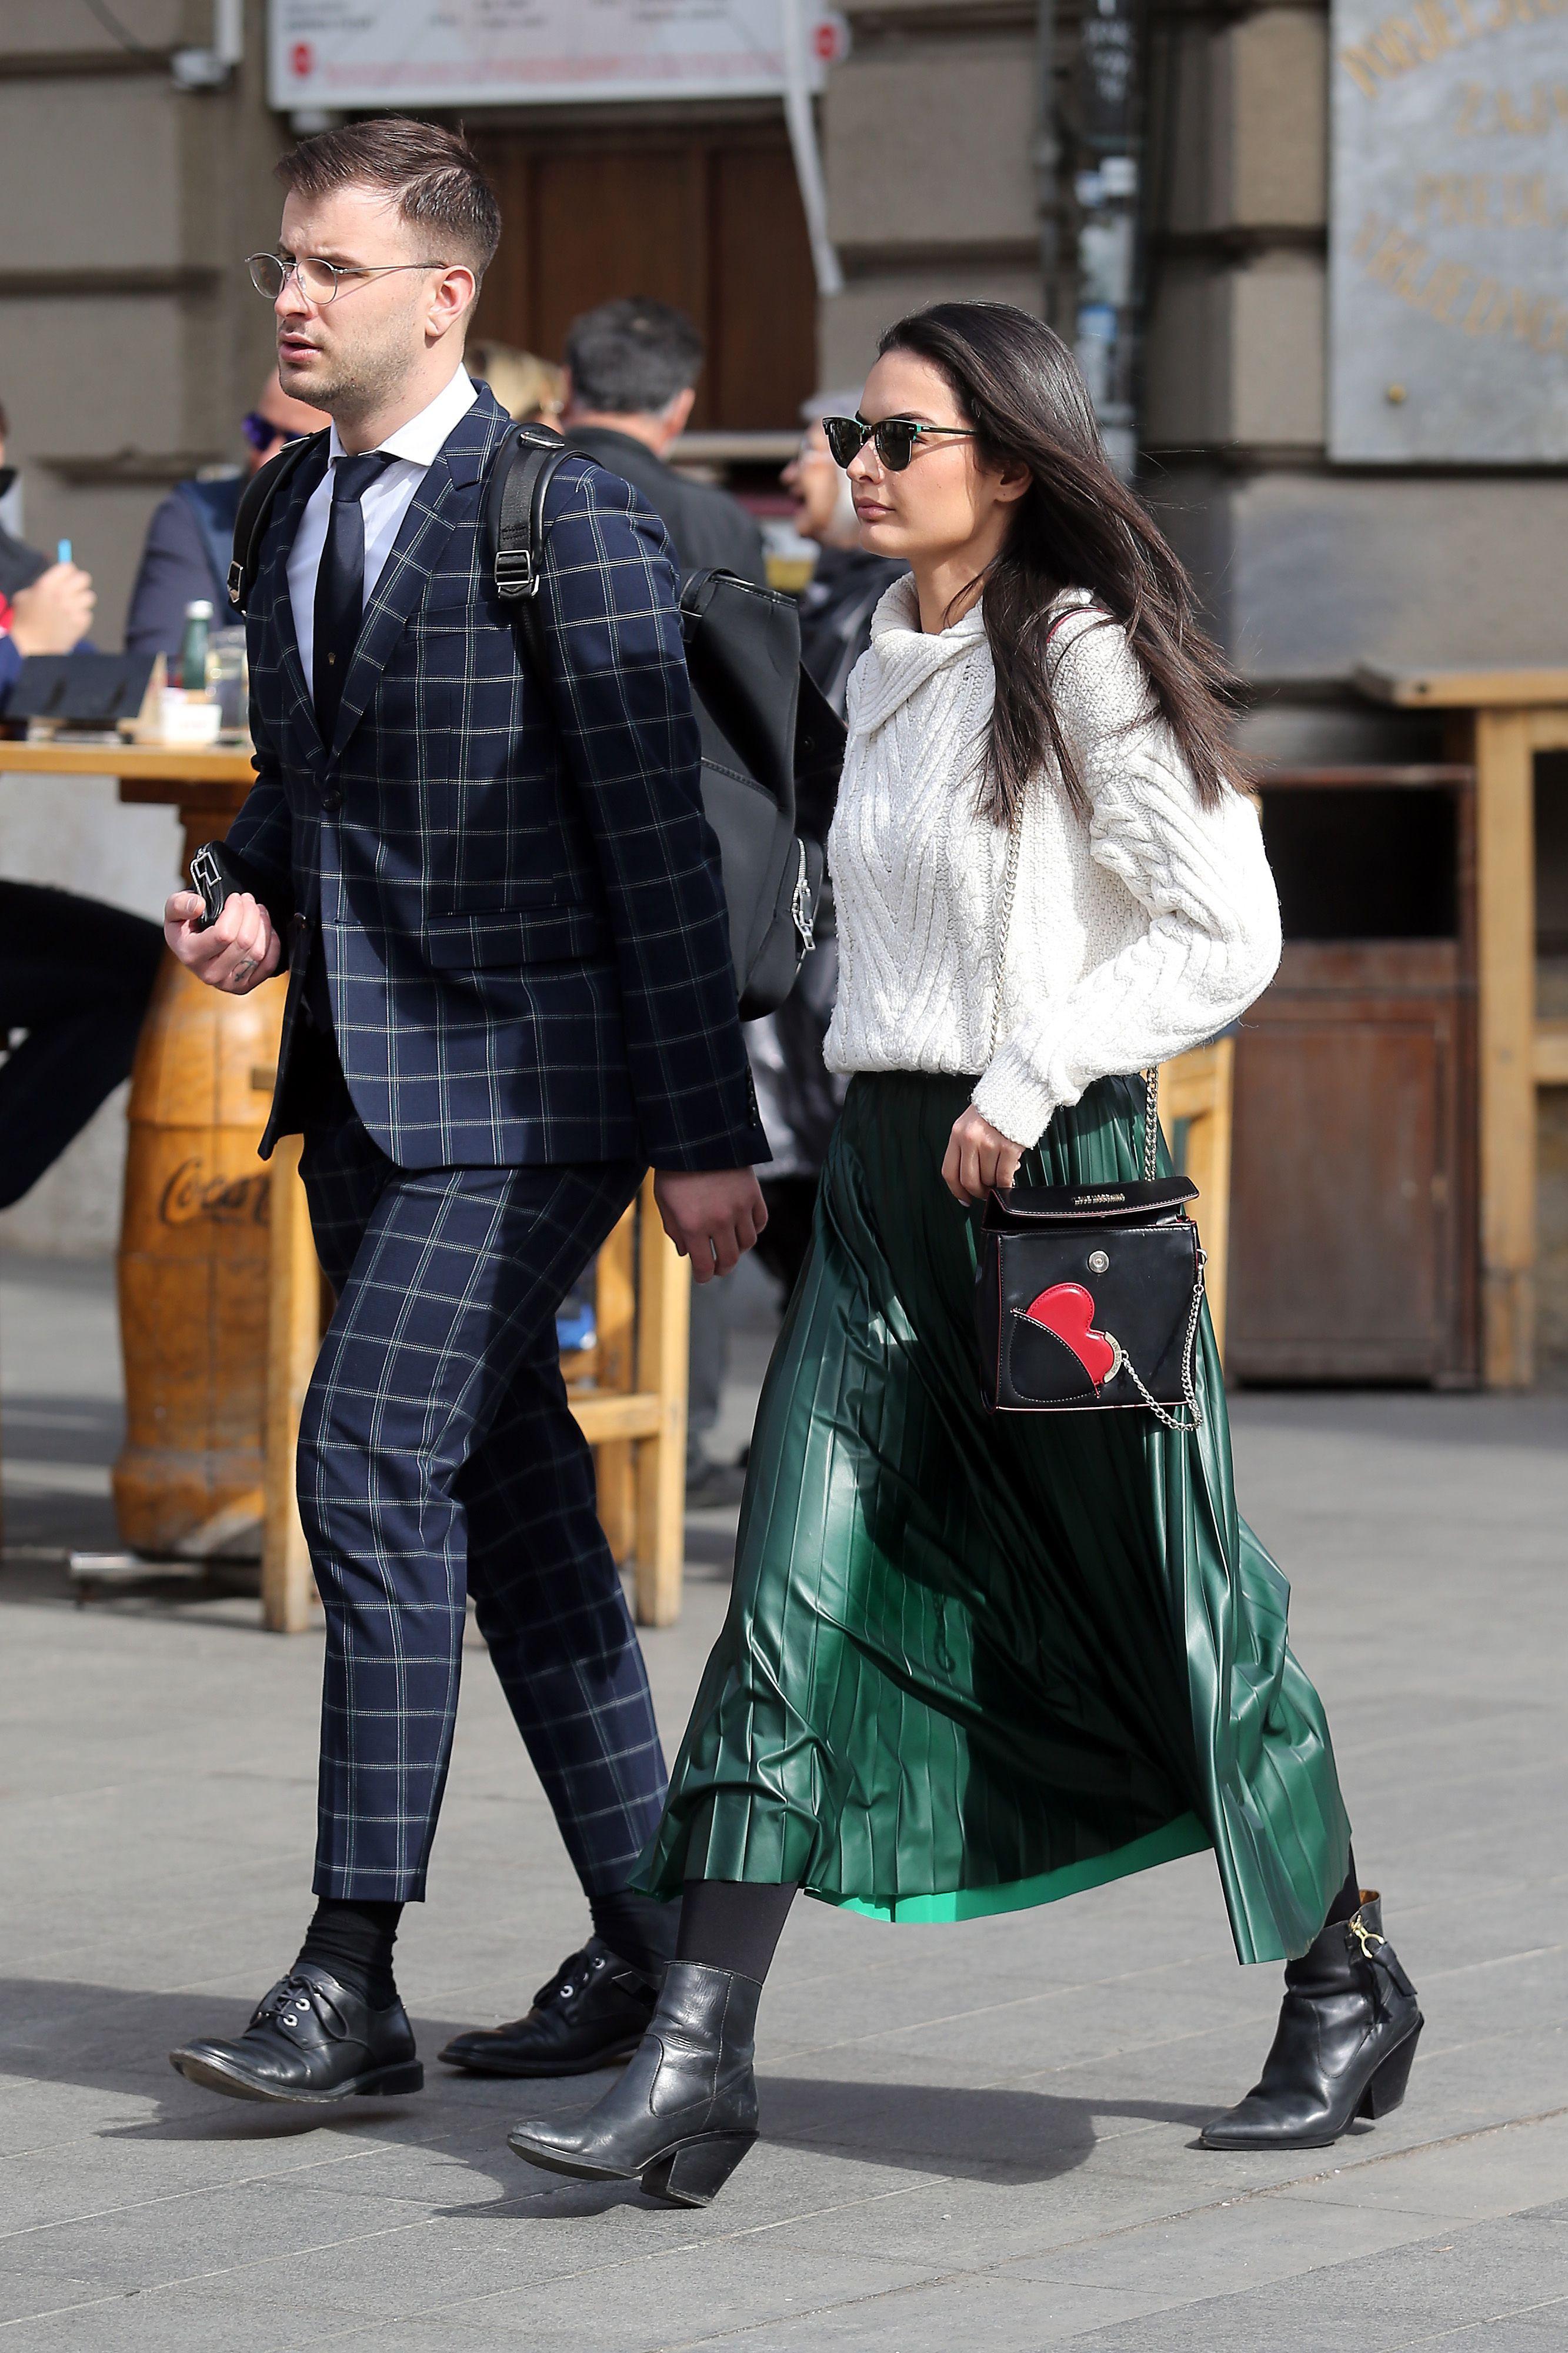 Kakav par! Njih dvoje stvarno izgledaju kao da su sišli s naslovnice modnog časopisa!